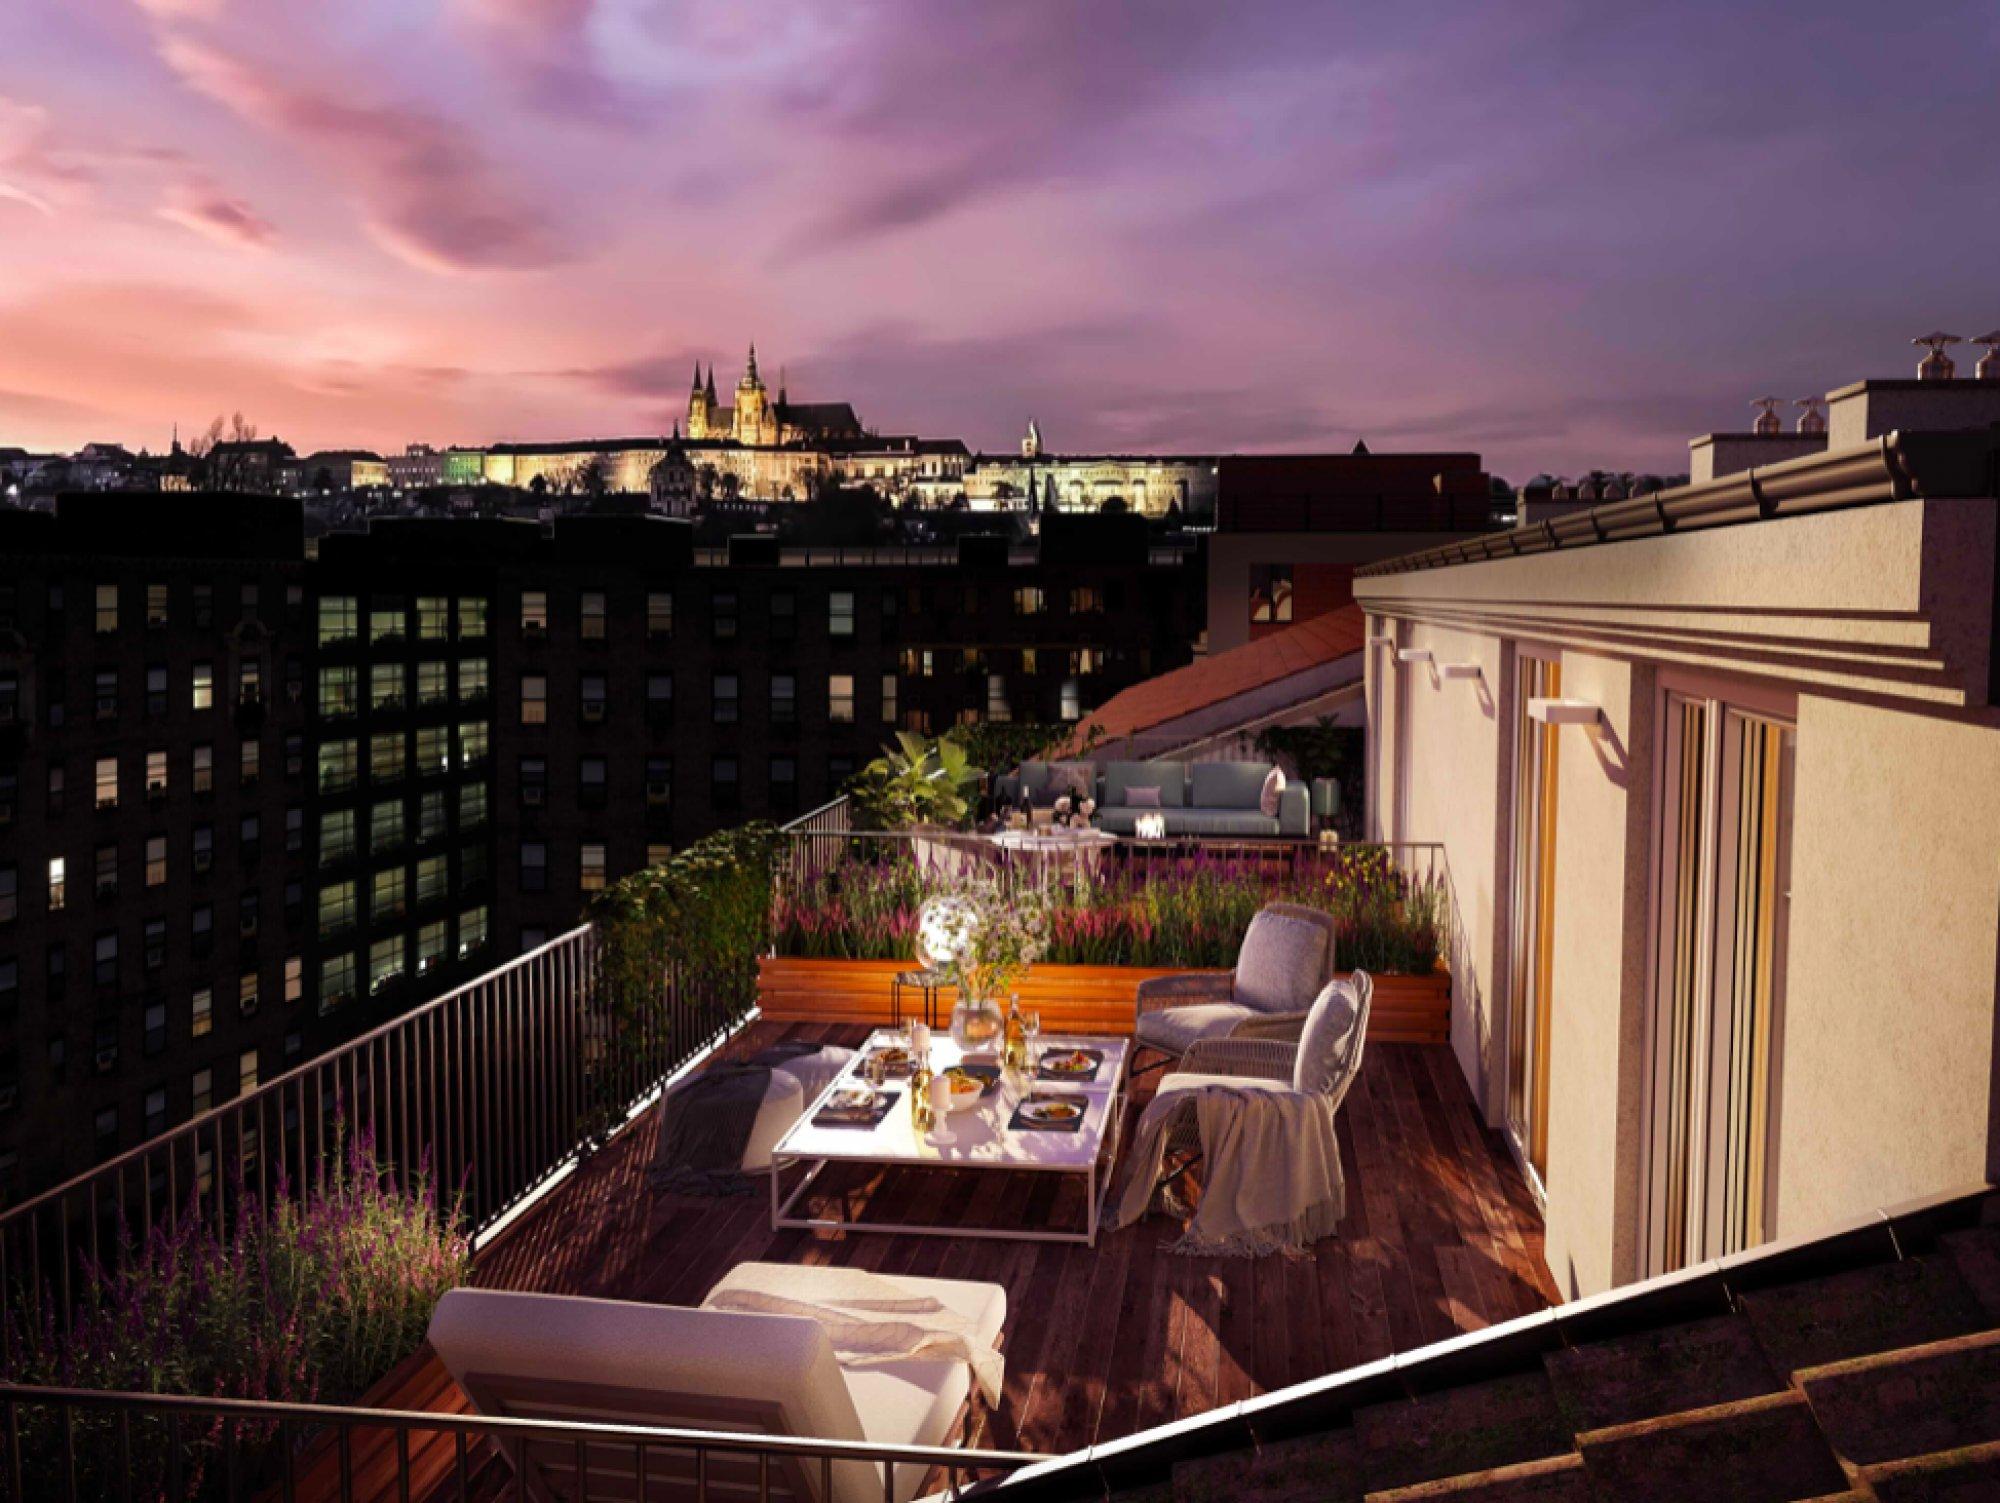 Výhled z terasy - Půdní byt 4+kk, plocha 118 m², ulice Legerova, Praha 2 - Nové Město | 2